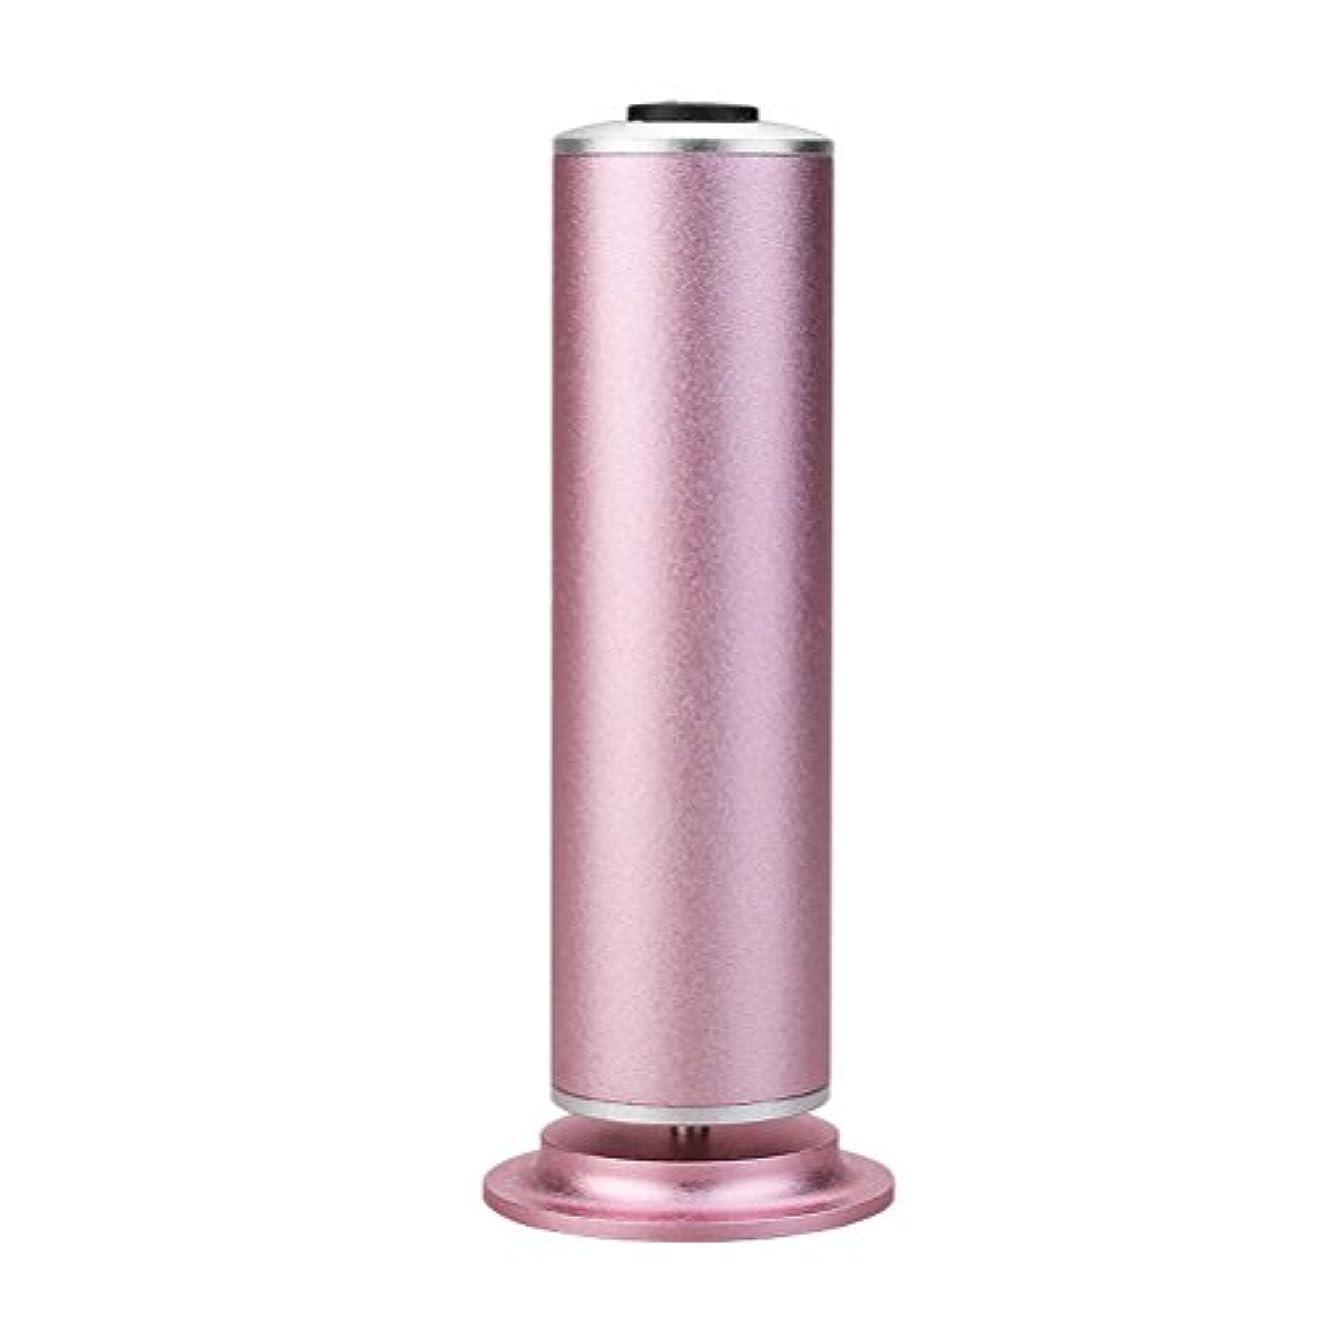 主要な新年原始的なHealifty 米国のアダプタを使用してデッドスキン除去のための足カルスリムーバーフットペディキュアツール(ピンク)